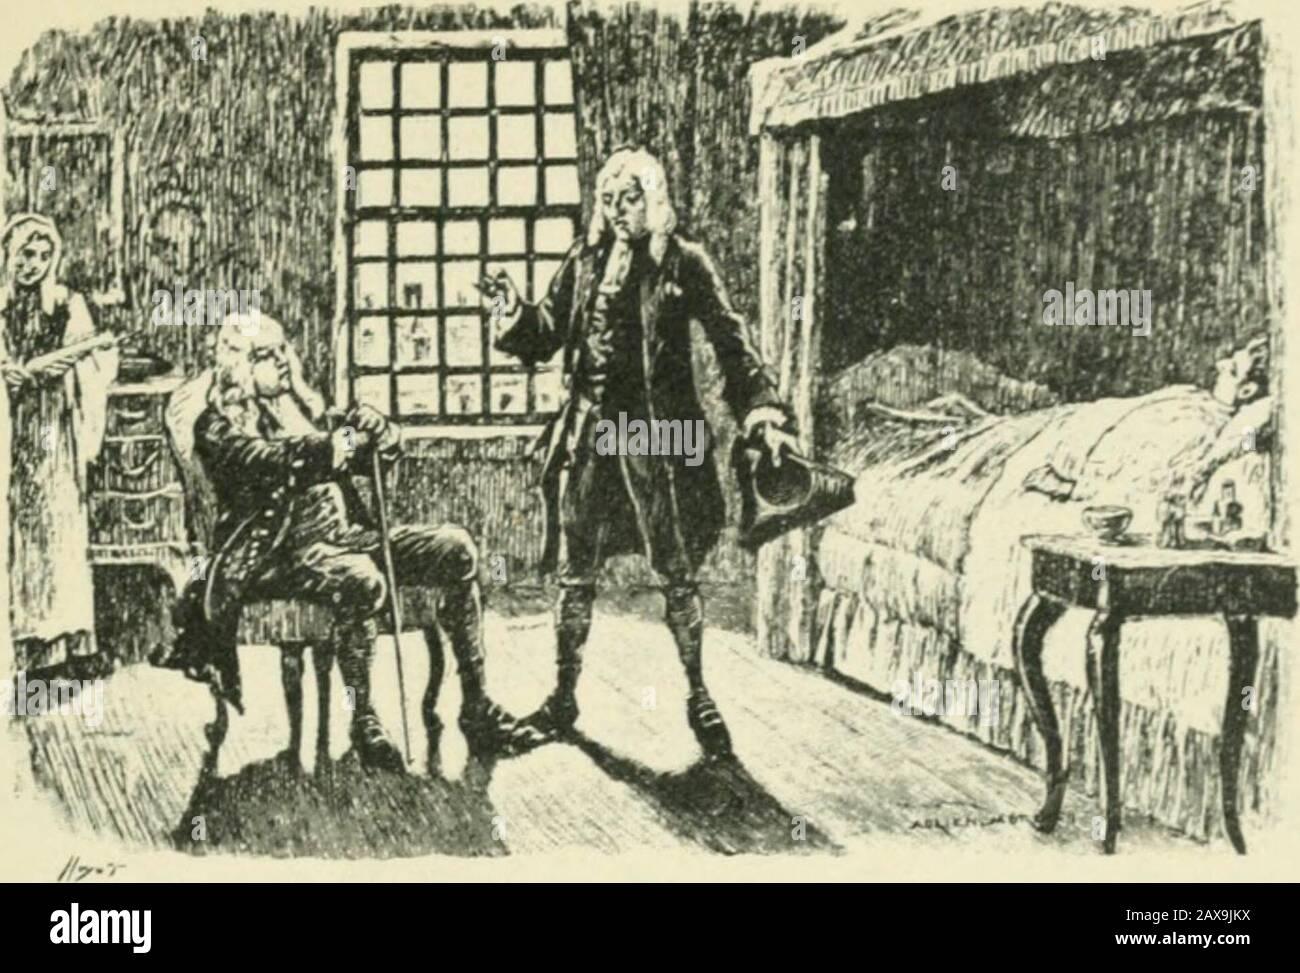 Candide; ou, L'optimisme; . iiiiiiiÉiiiiiii^. XXII Ce qui arriva en France à Candide et à Martin. Candide no sarrêta dans Bordeaux quautant de tempsquil en fallait pour vendre quelques cailloux du Dorade,et pour slecers dune bonne chaise à deux places,car il ne pouvait plus se passer de son philphiloshe Mar-tin; Il fut seulement très fâché de se séparer de sonmouton, quil laissa à lAcadémie des Sciences de Bor-deaux, laquelle proposa)our le sujet du j)rix de cetteannée de trouver pourquoi la laine de ce mouton étaitroufir, et le prix fut savuj^Nord et MONÉTRA QUANT et MONÉTRA à Stockfoto